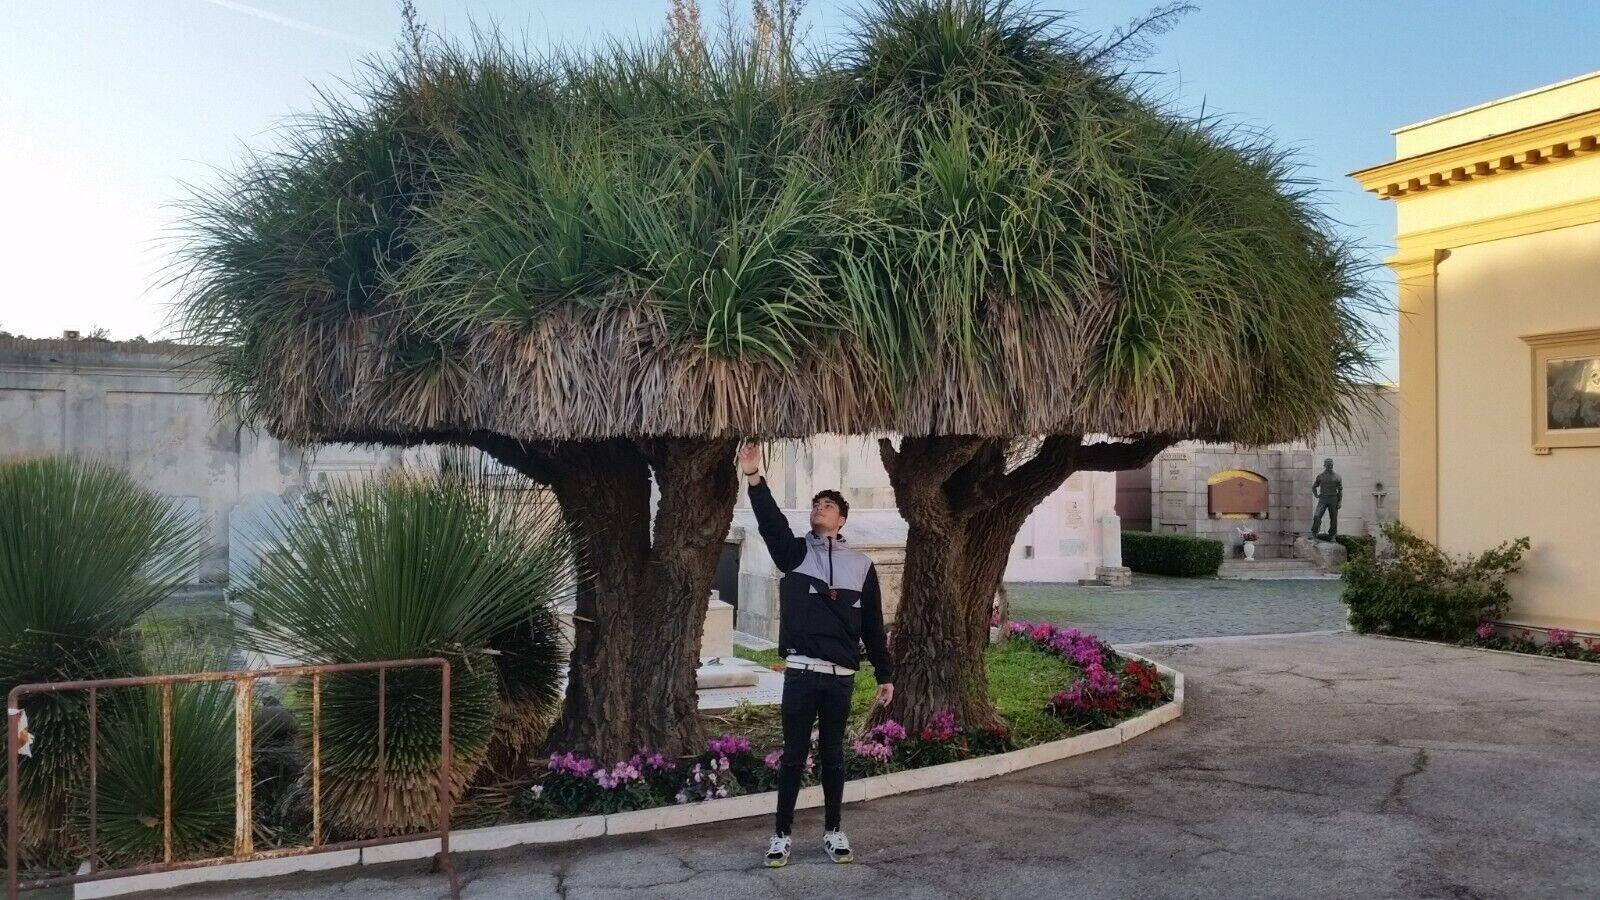 1 Plant vq7 Nolina Longifolia Beaucarnea Longifolia Plant Air Exhauster arborea